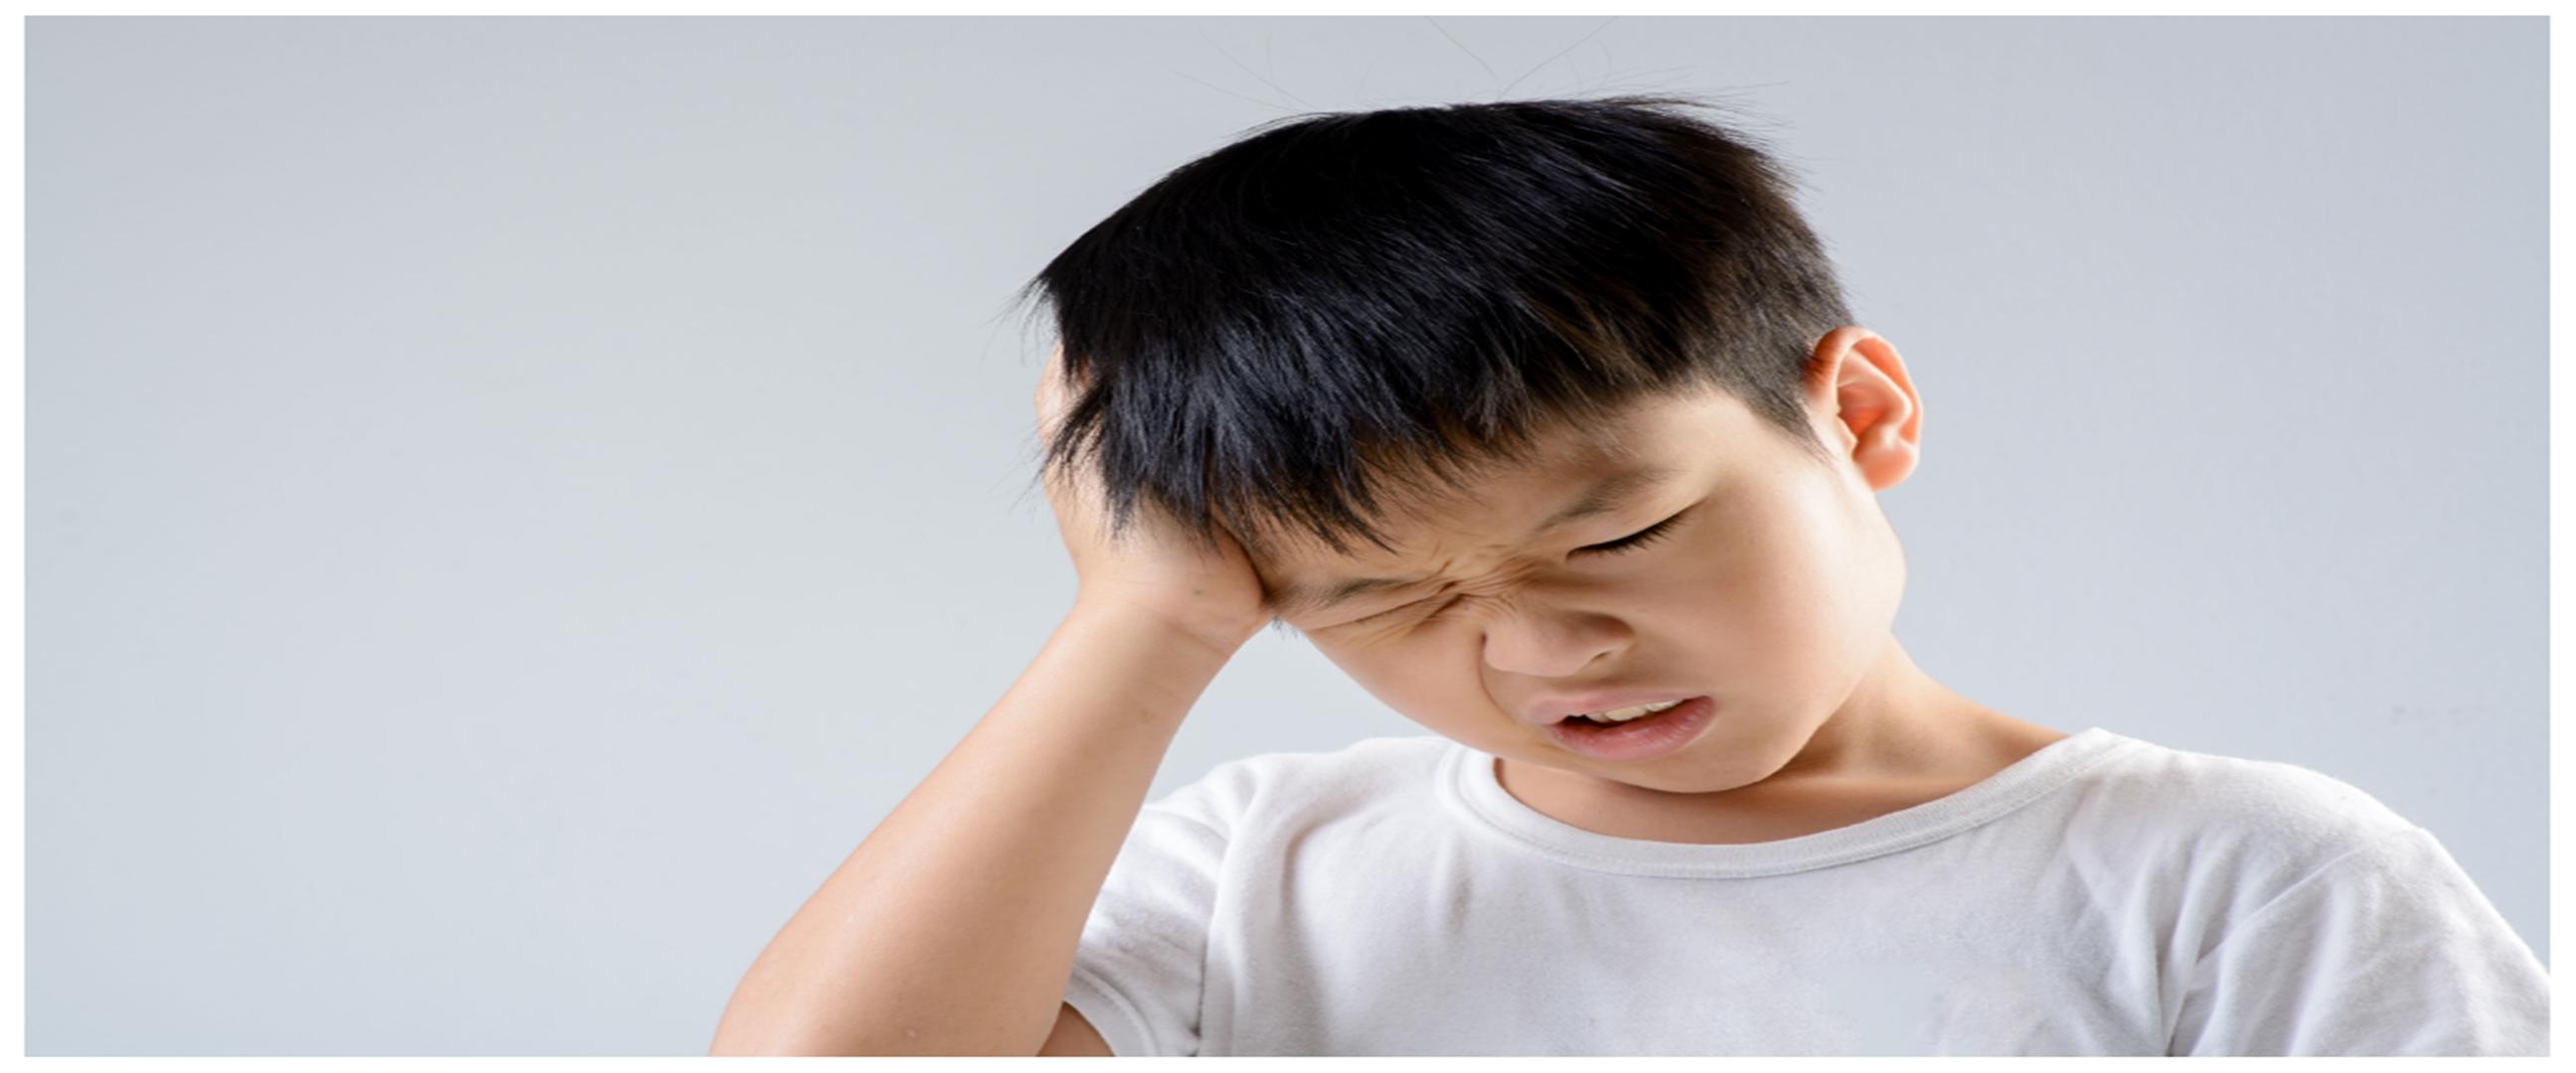 Penyebab-Migrain-dan-Cara-Mengatasinya